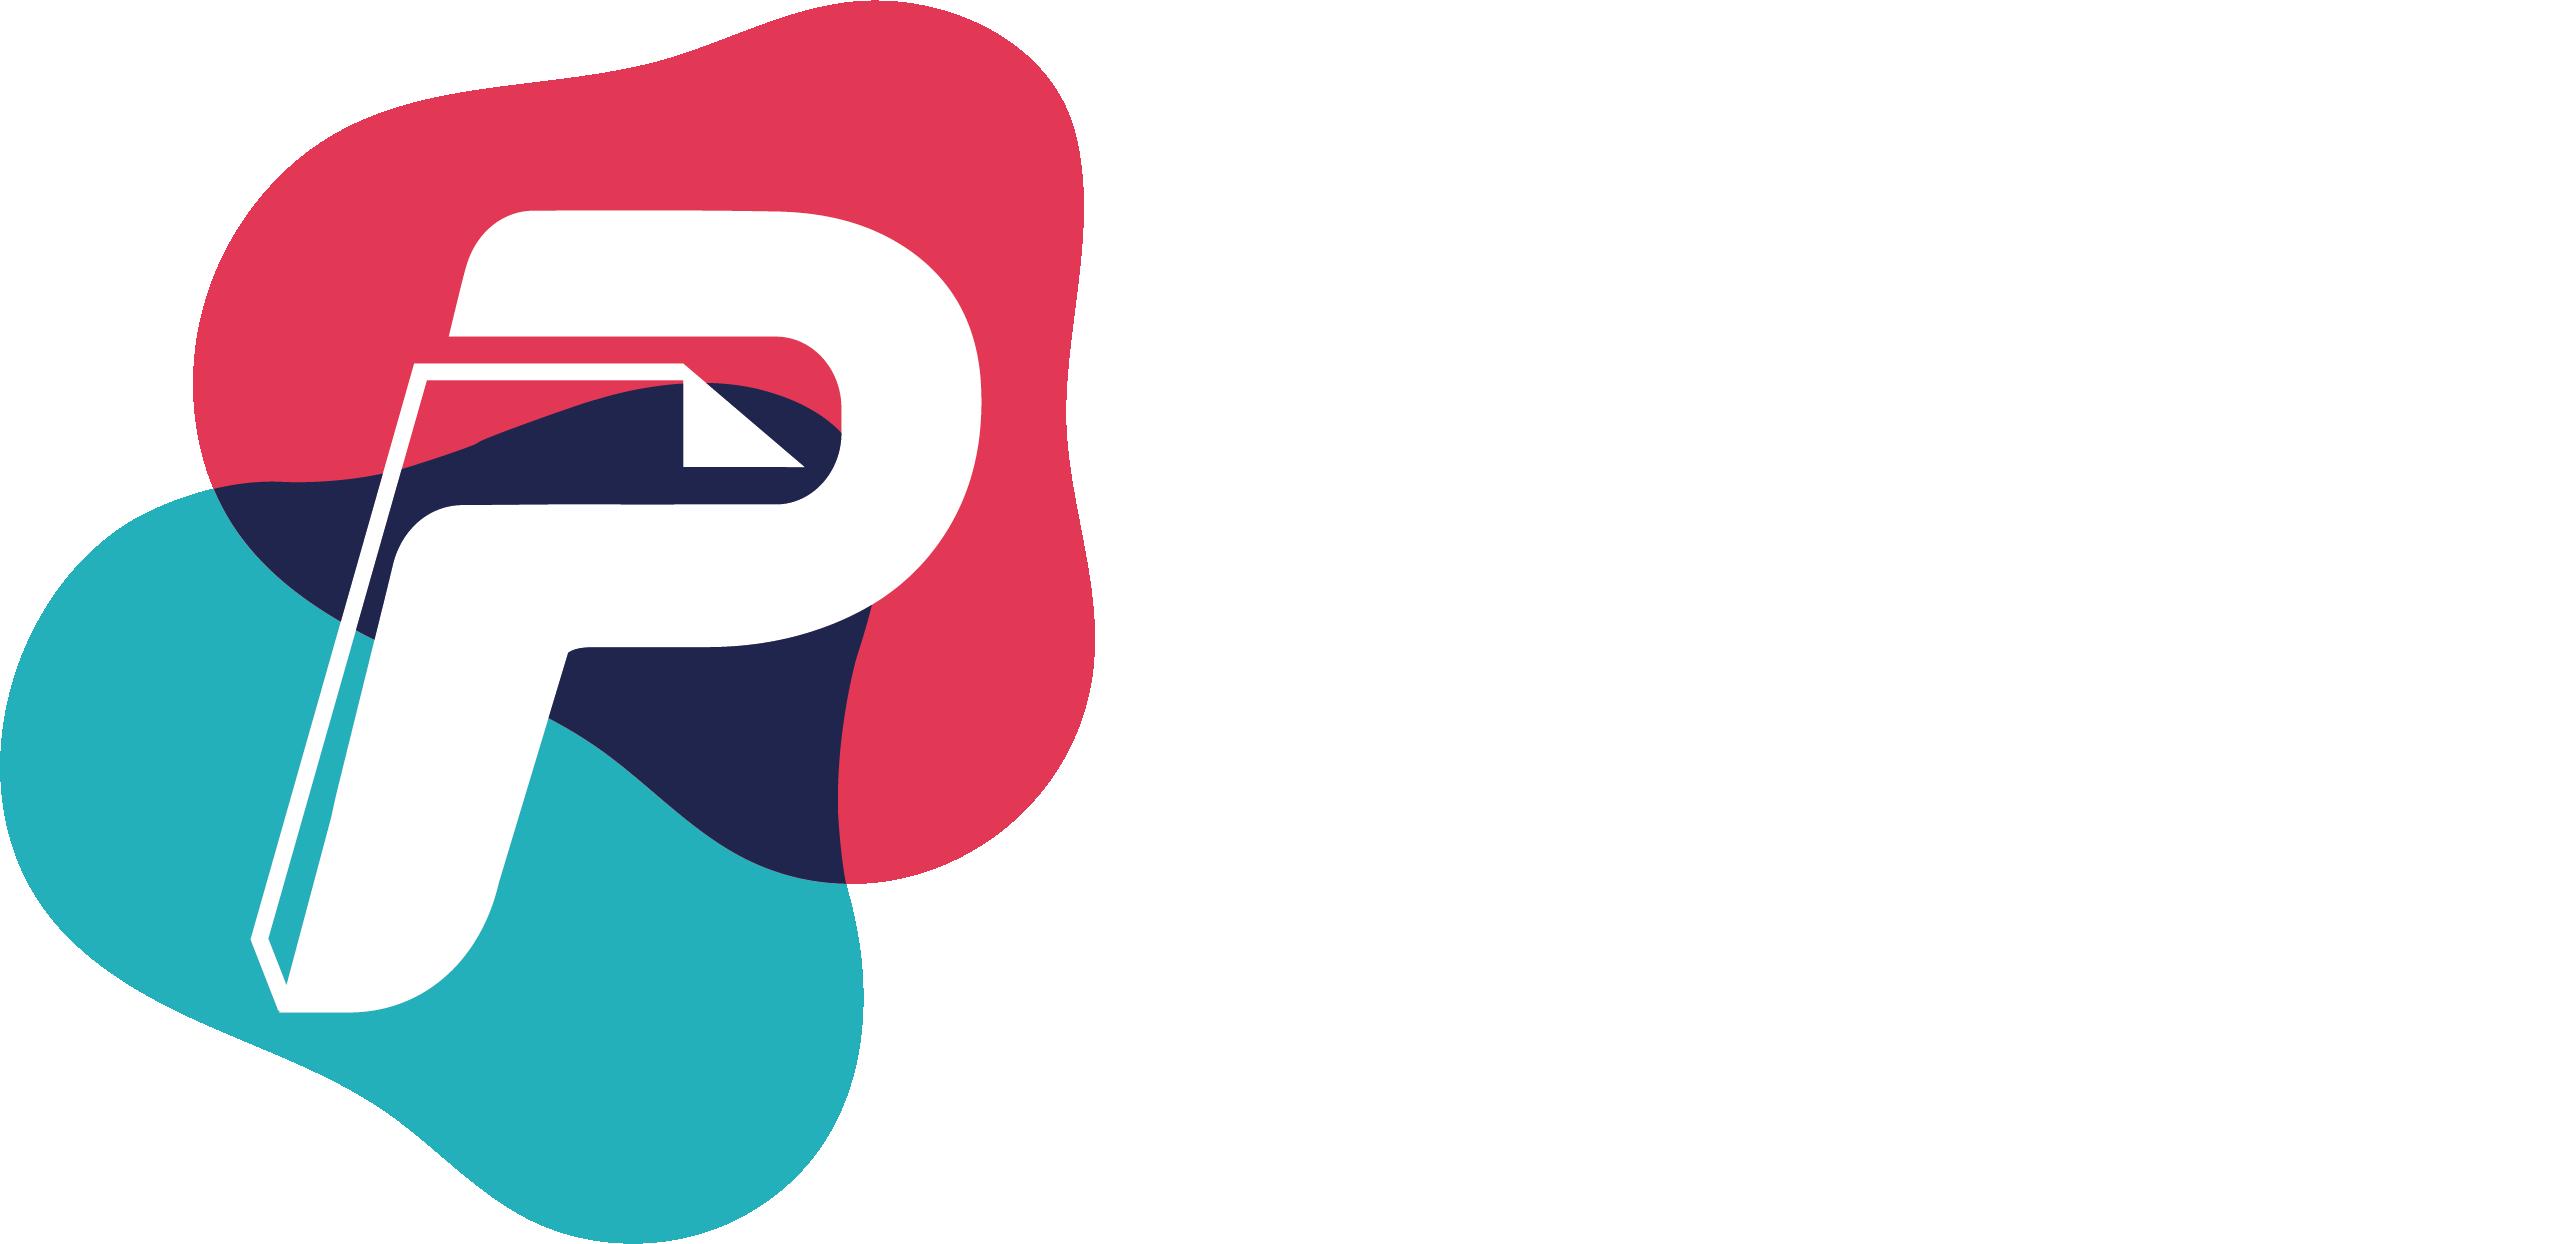 Profiles.ae |